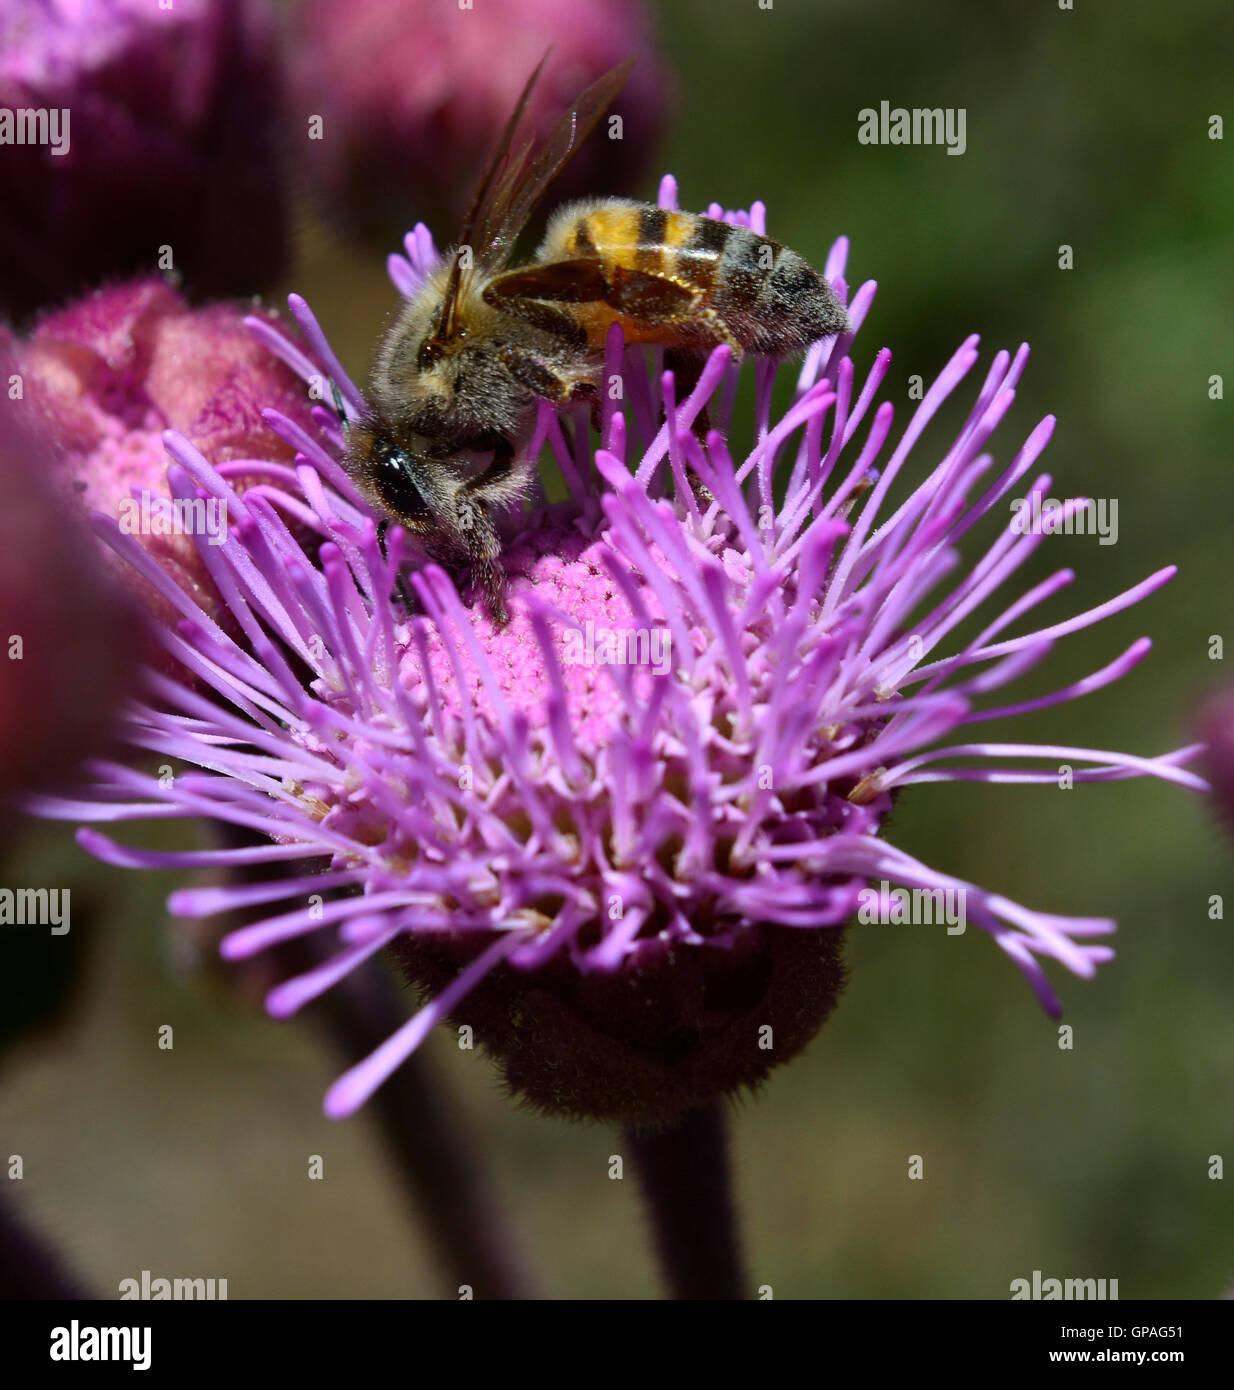 Cerca de macro trabaja duro recolección de miel de abeja silvestre el polen y el néctar de una rosa púrpura Imagen De Stock